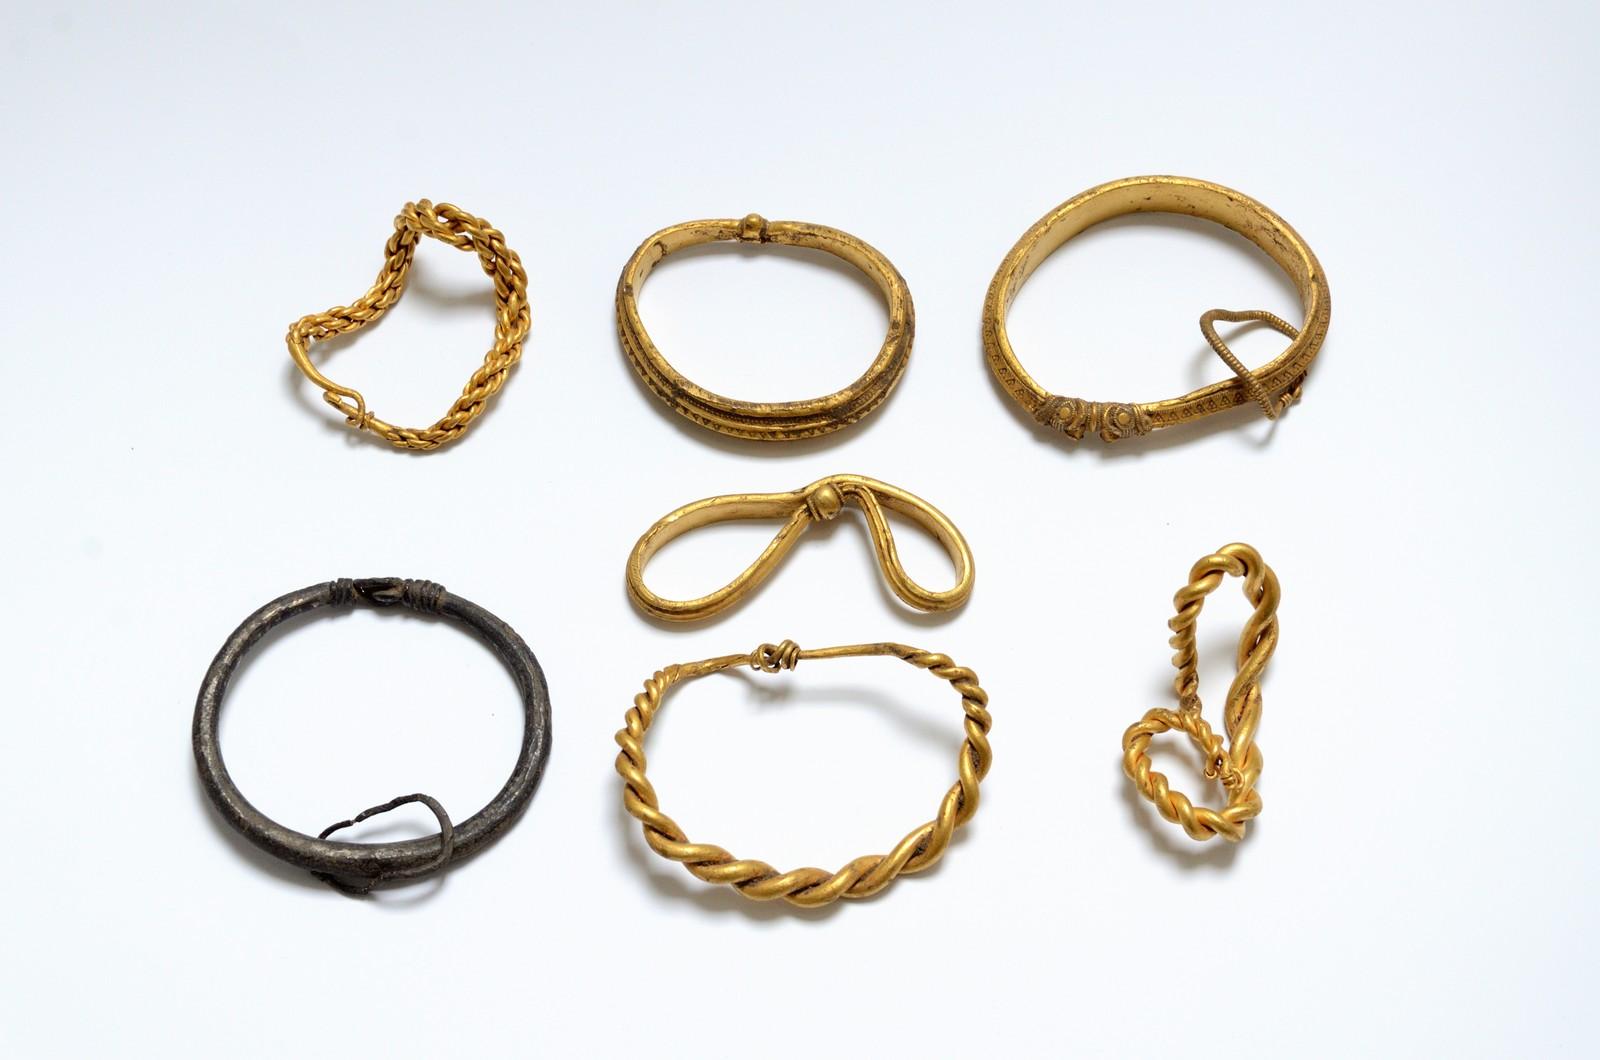 GULLSKATT: Seks armringer i gull og en i sølv fra er funnet på Jylland i Danmark.